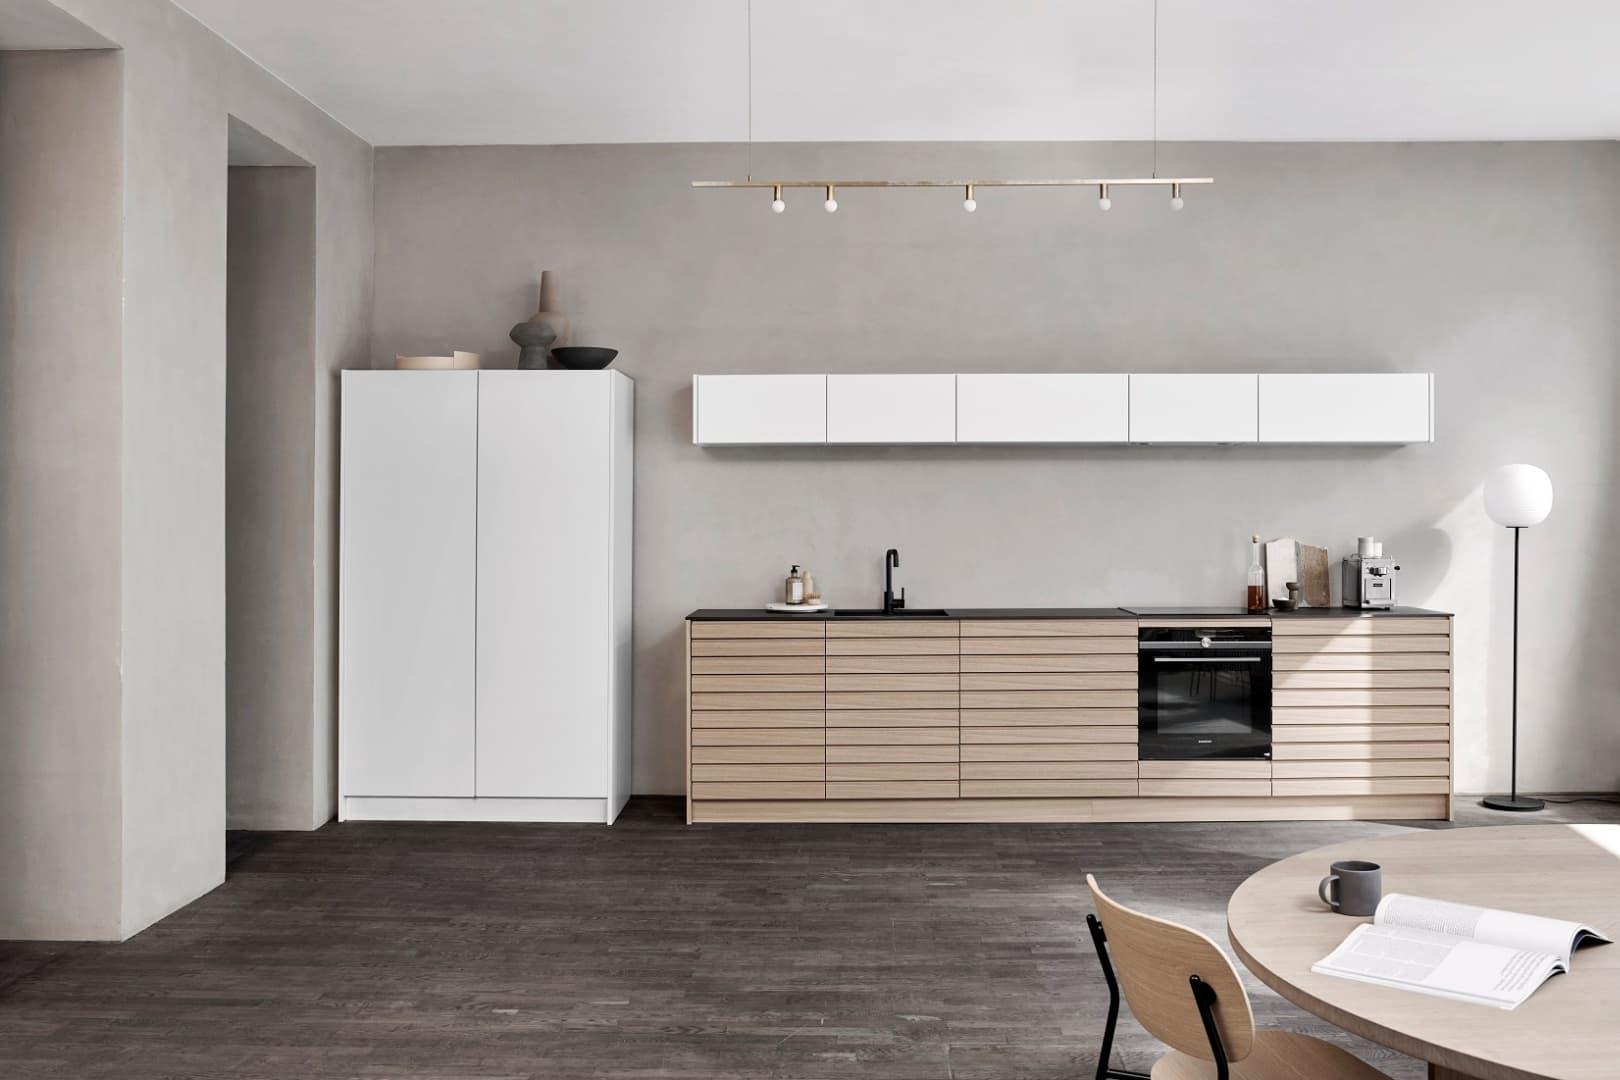 Cima light oak Selected kitchen 6.jpg